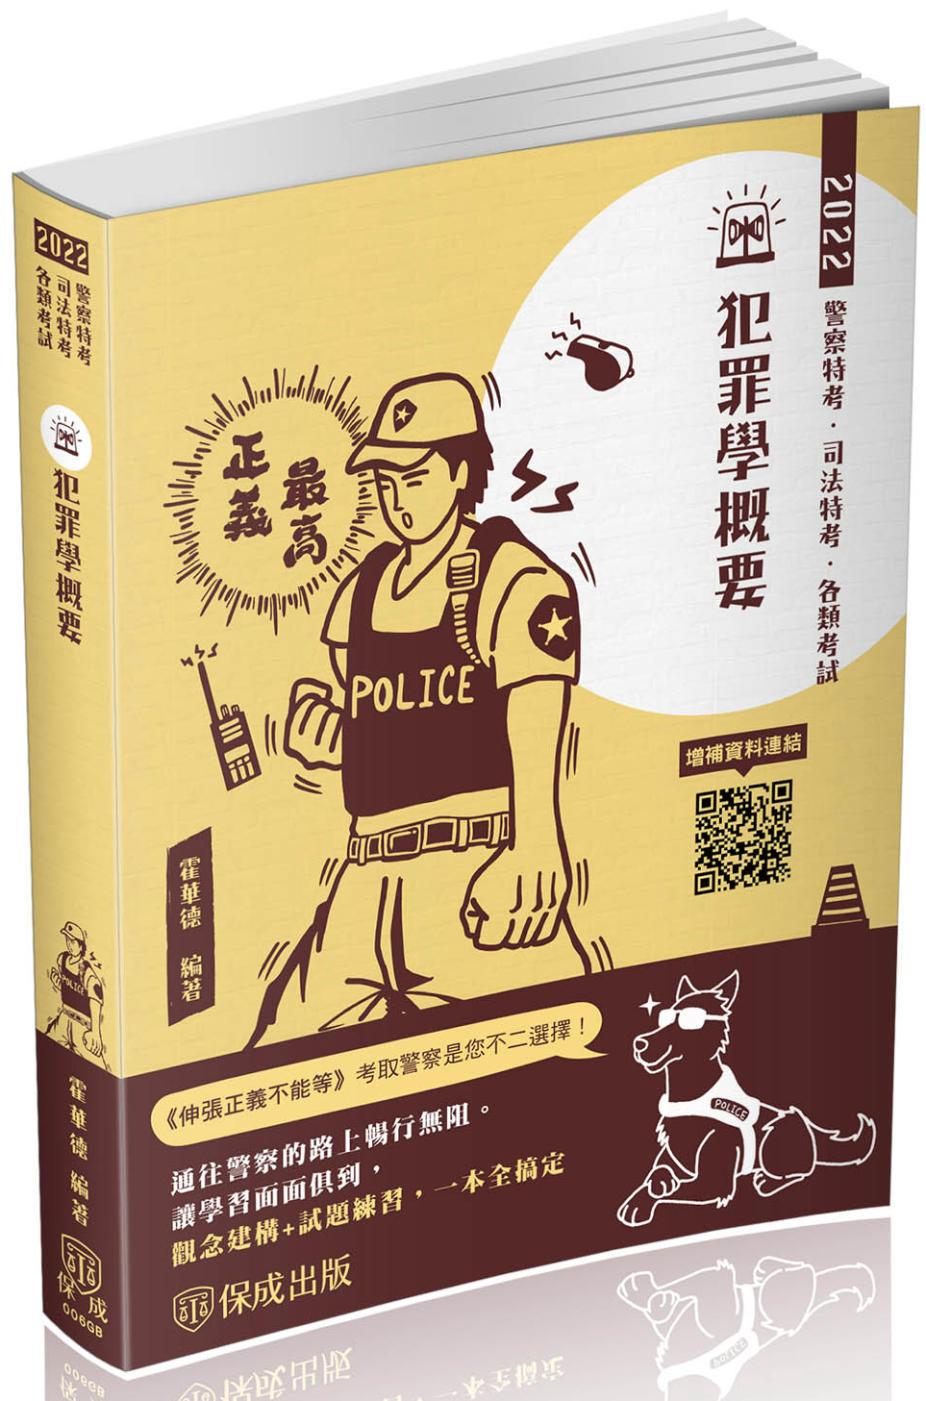 犯罪學概要-2022一般警察特...